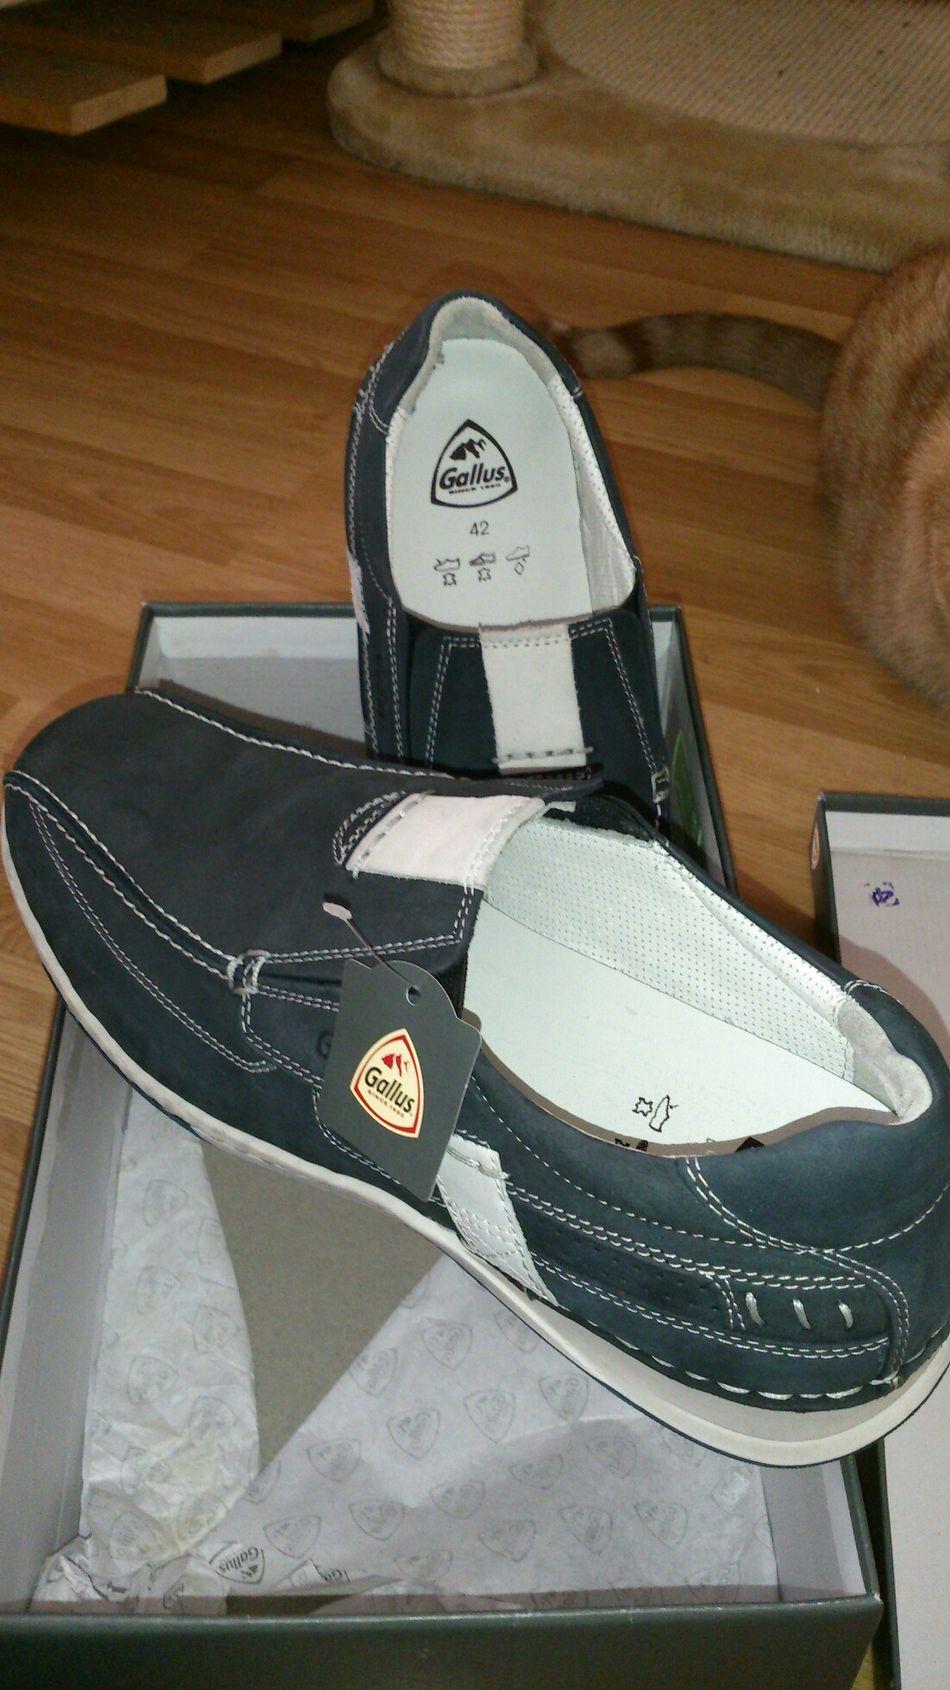 Shopping Schuhe  von Gallus Since 1880 März 2014